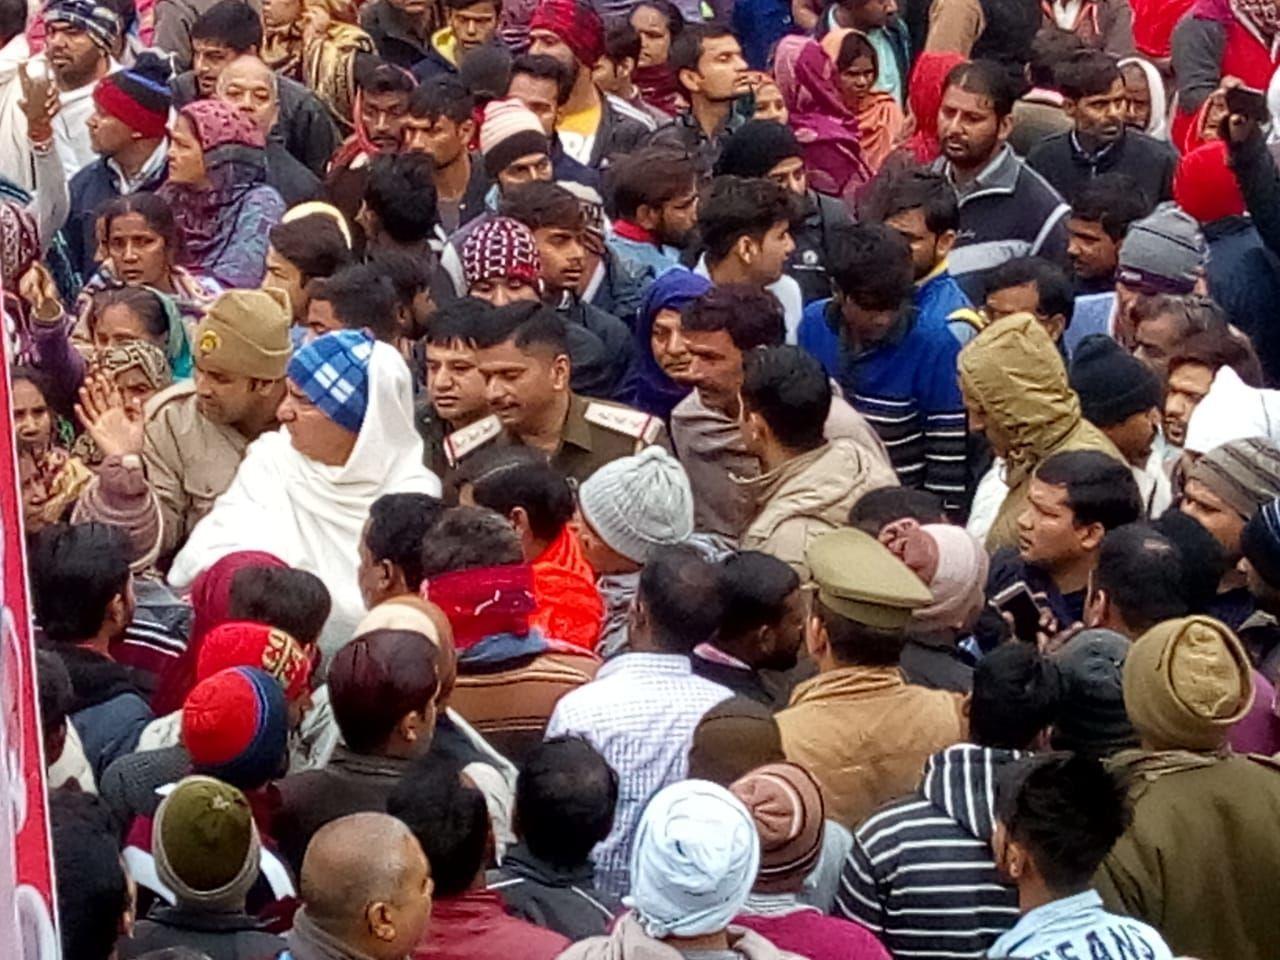 गाजियाबाद: डंफर की चपेट में आकर छात्रा की दर्दनाक मौत